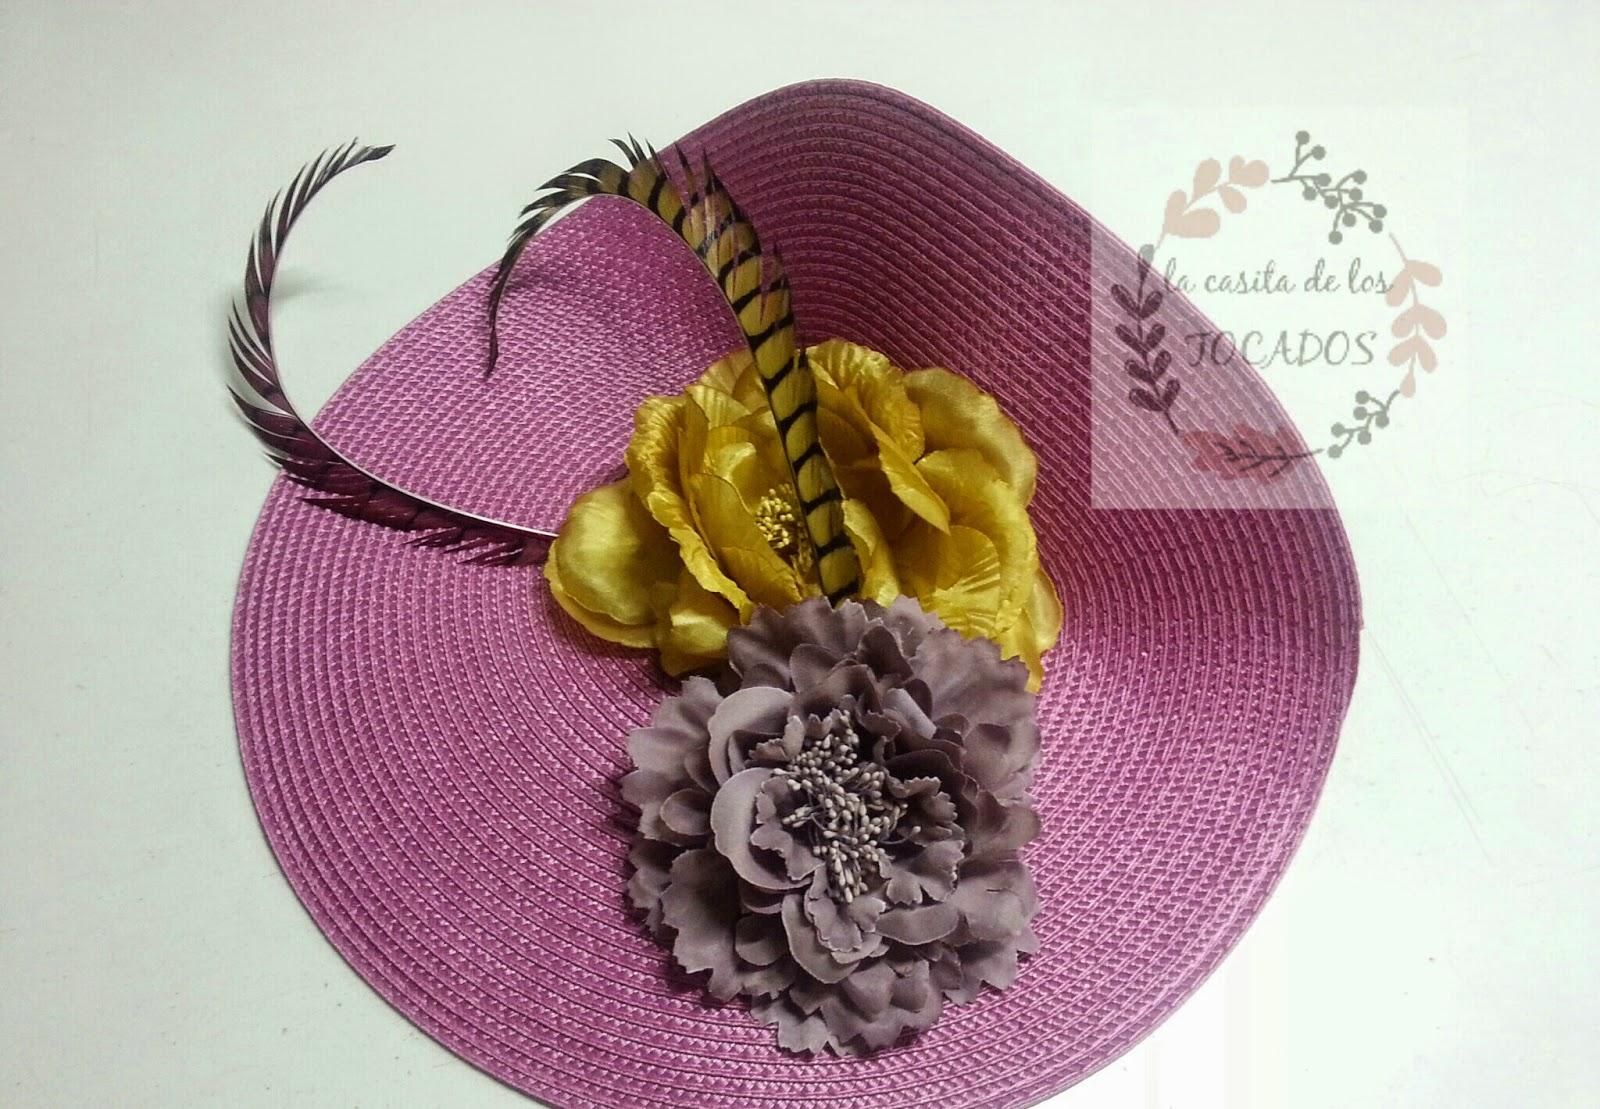 tocado grande a modo de pamela para boda en colores morado y dorado con flores y plumas de faisán